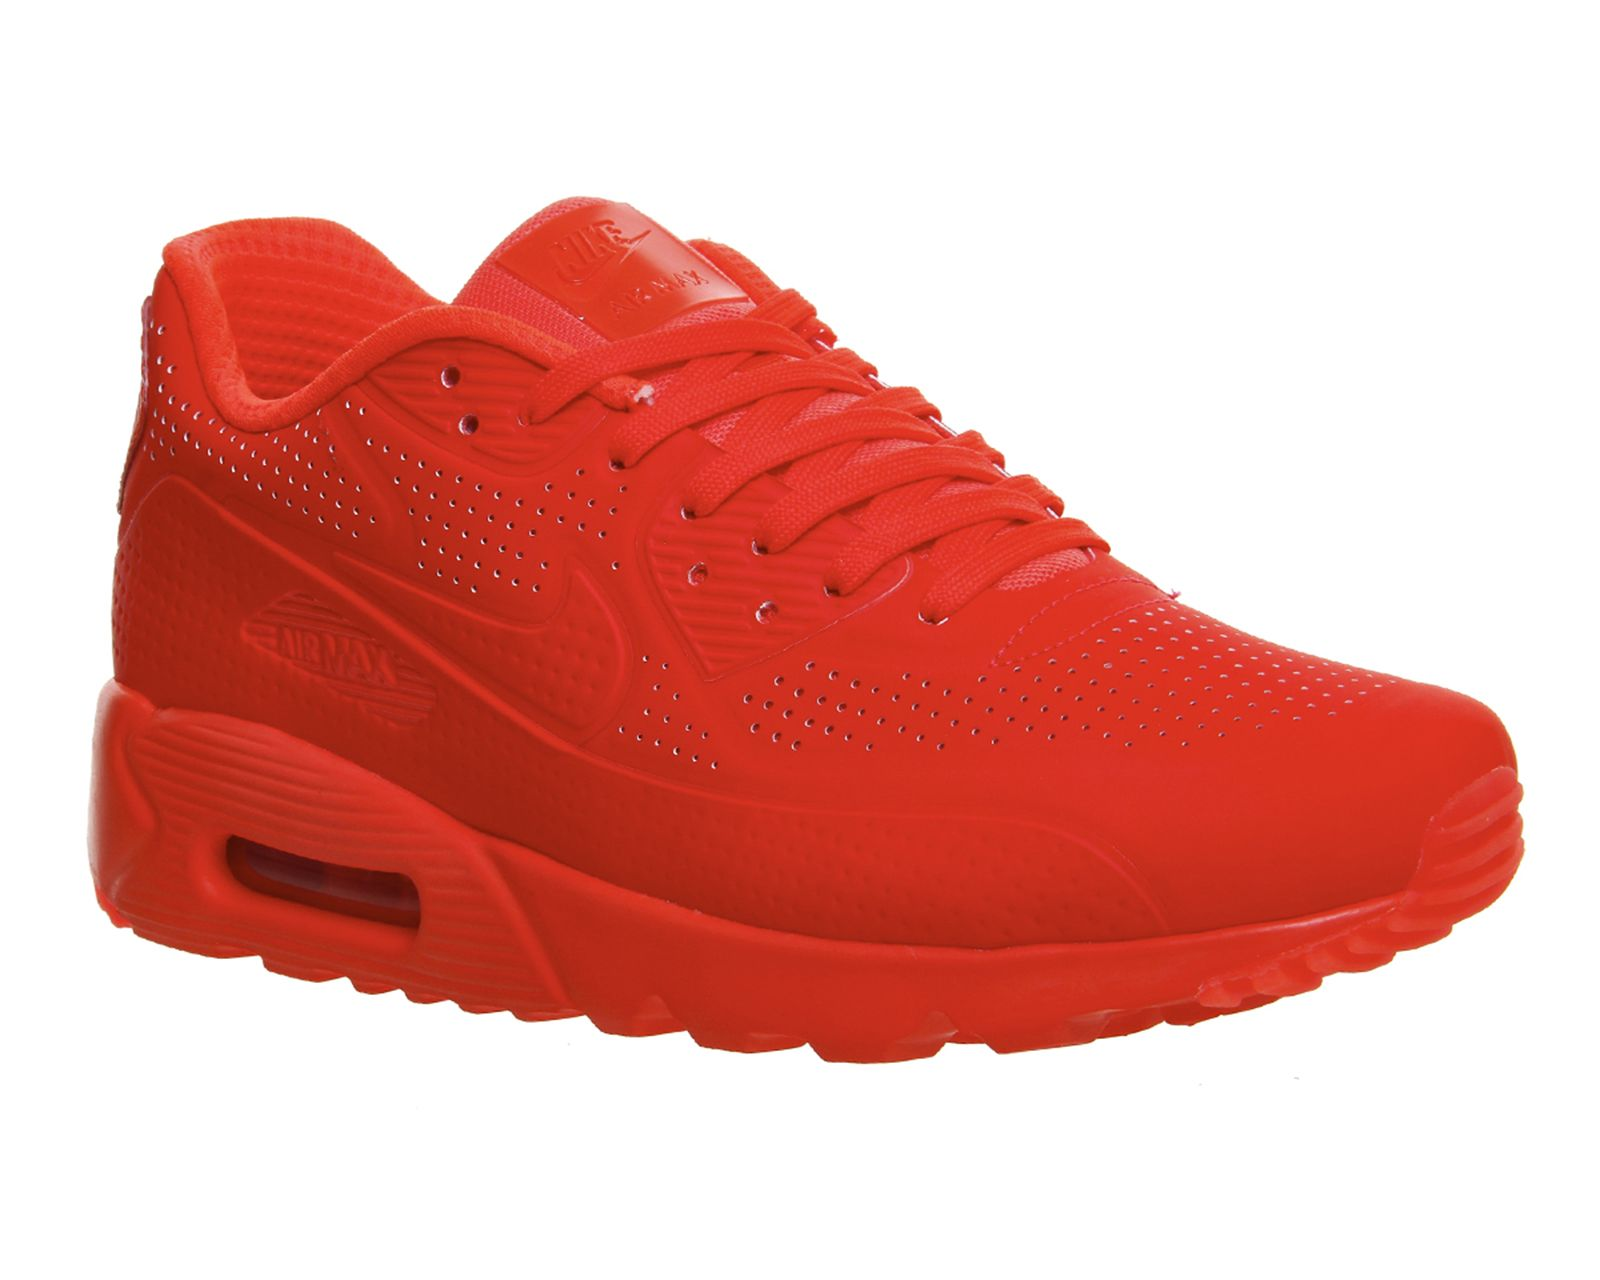 Nike, Air Max 90 Ultra Moire, Bright Crimson M